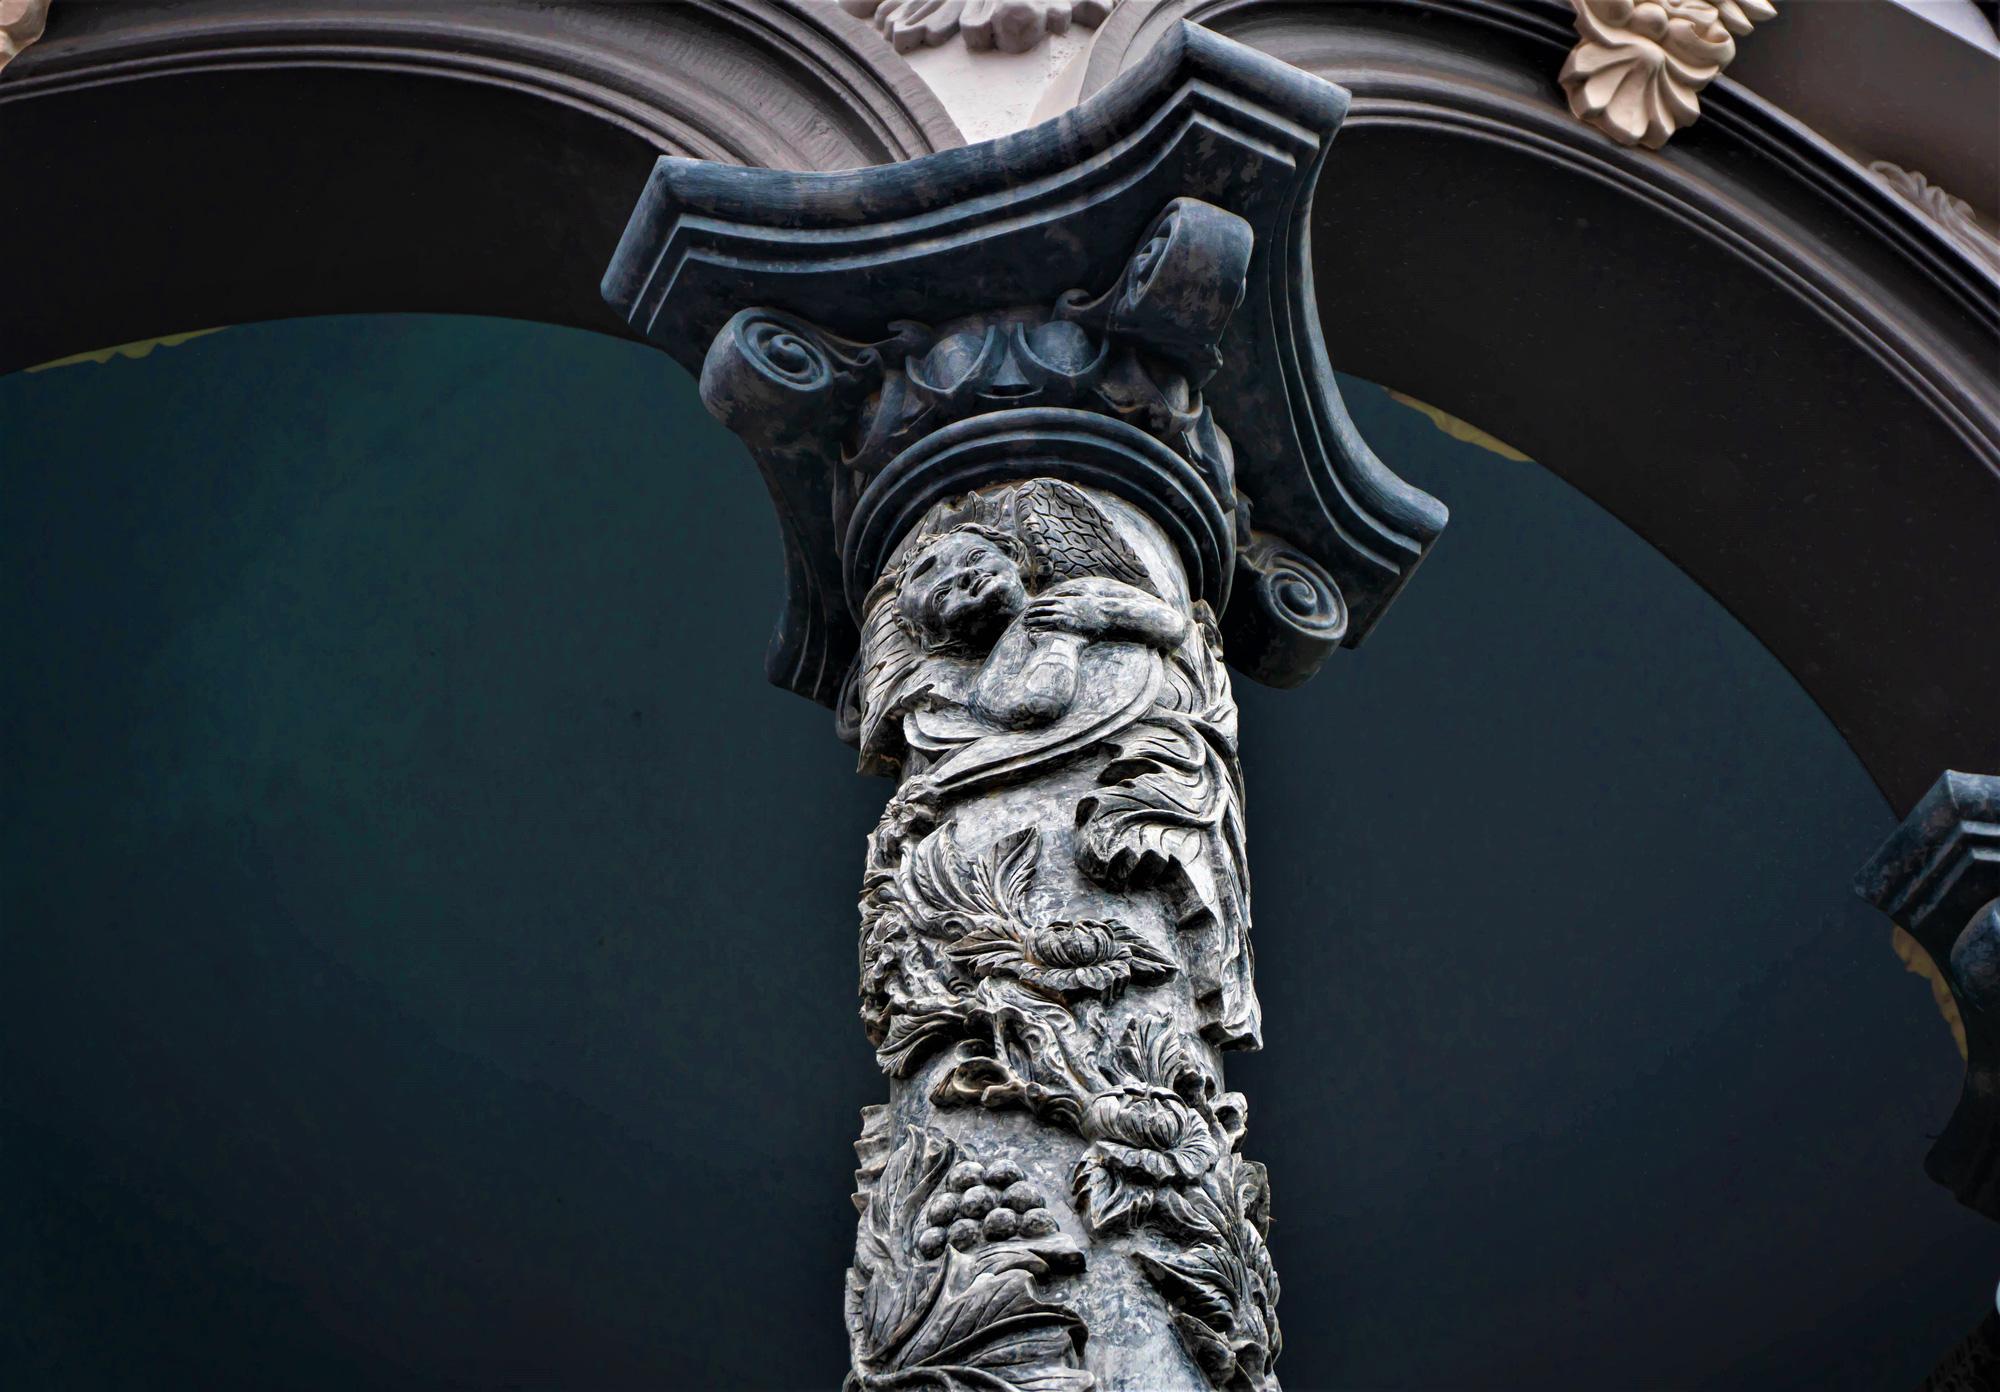 Về thăm nhà thờ Khoái Đồng, nơi thờ hiện thân của ông già Noel - Ảnh 4.